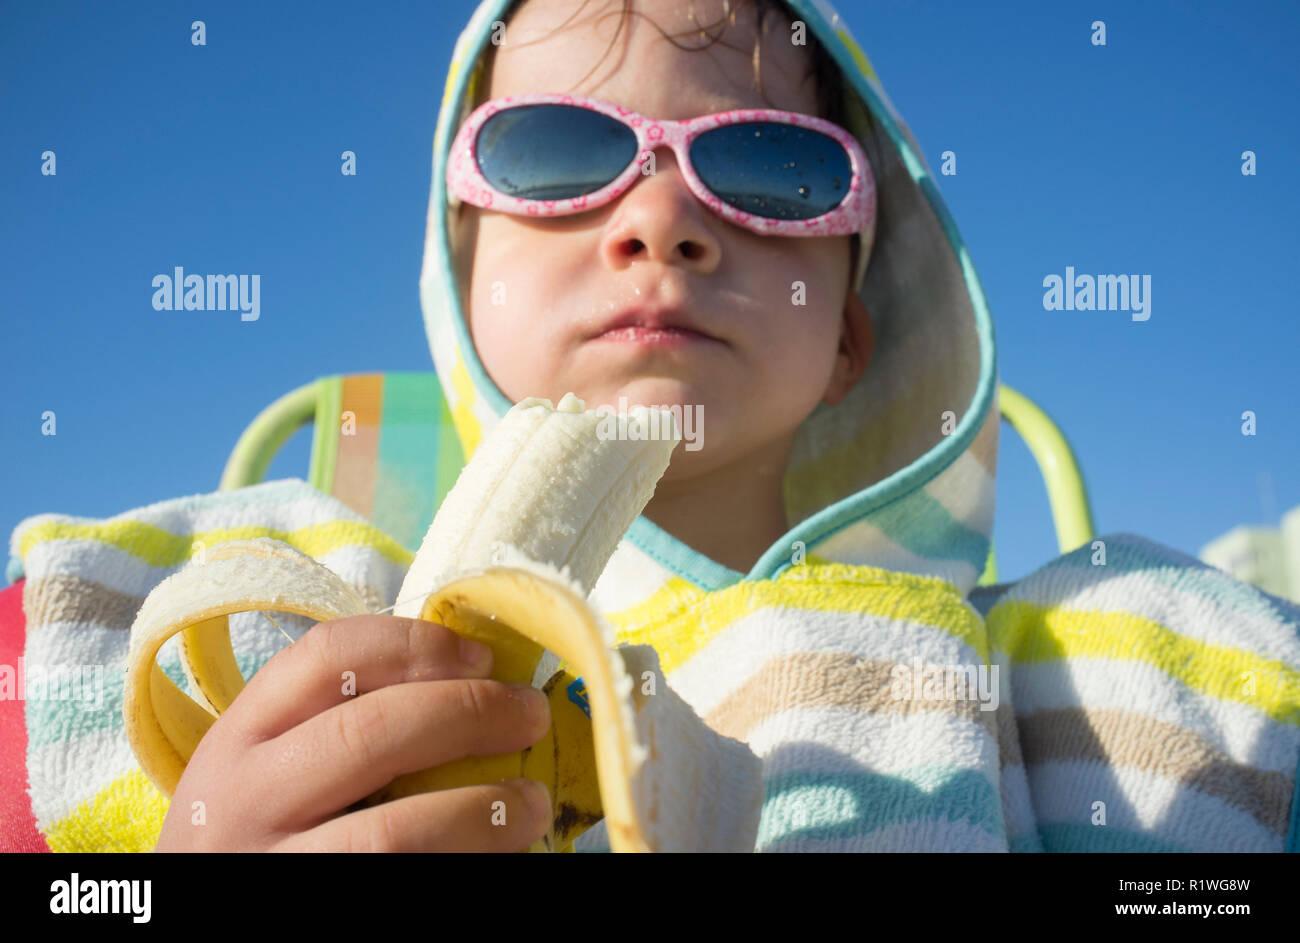 Niño de 3 años con una toalla con capucha Poncho. Él está comiendo banana  después 24680efdd80